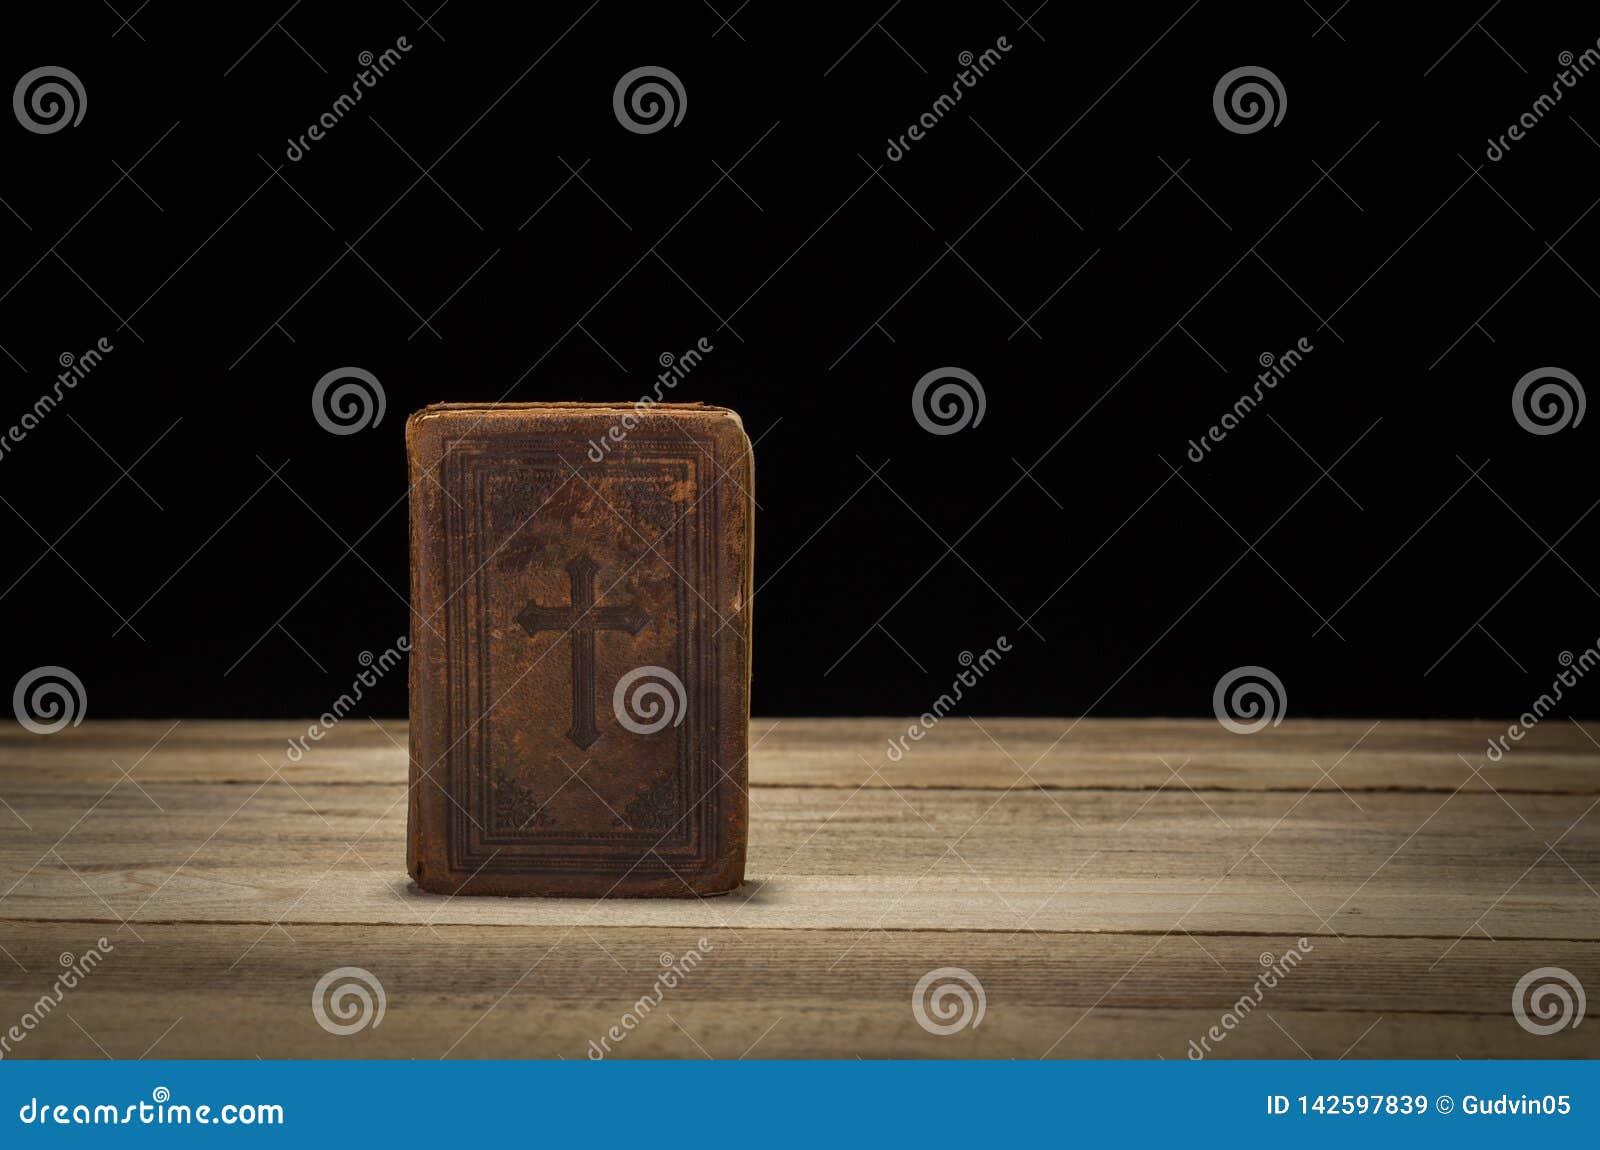 A Bíblia Sagrada em uma tabela arborizada Fundo preto